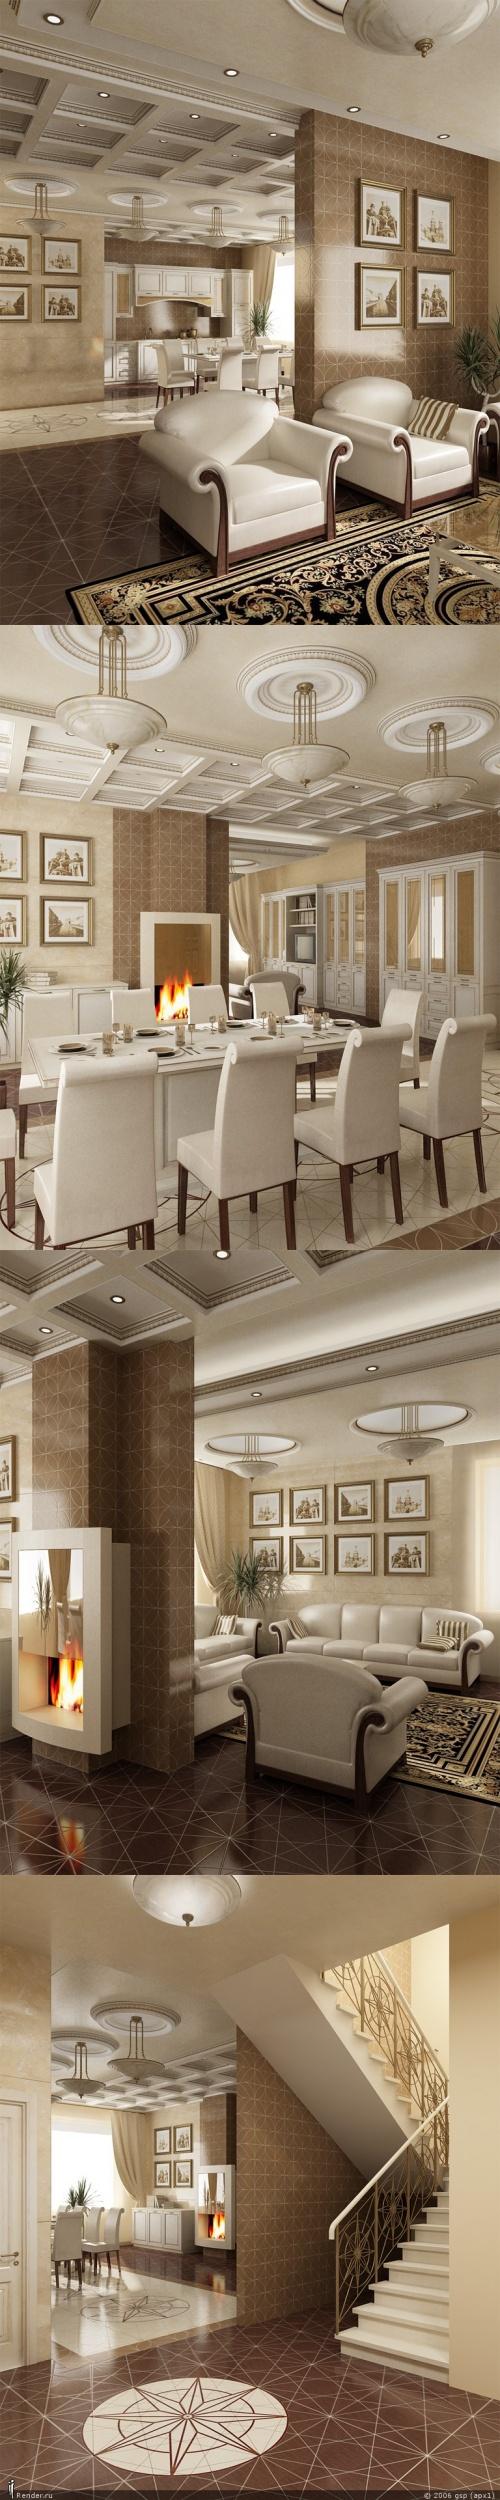 Дизайн интерьера жилых помещений (696 фото)